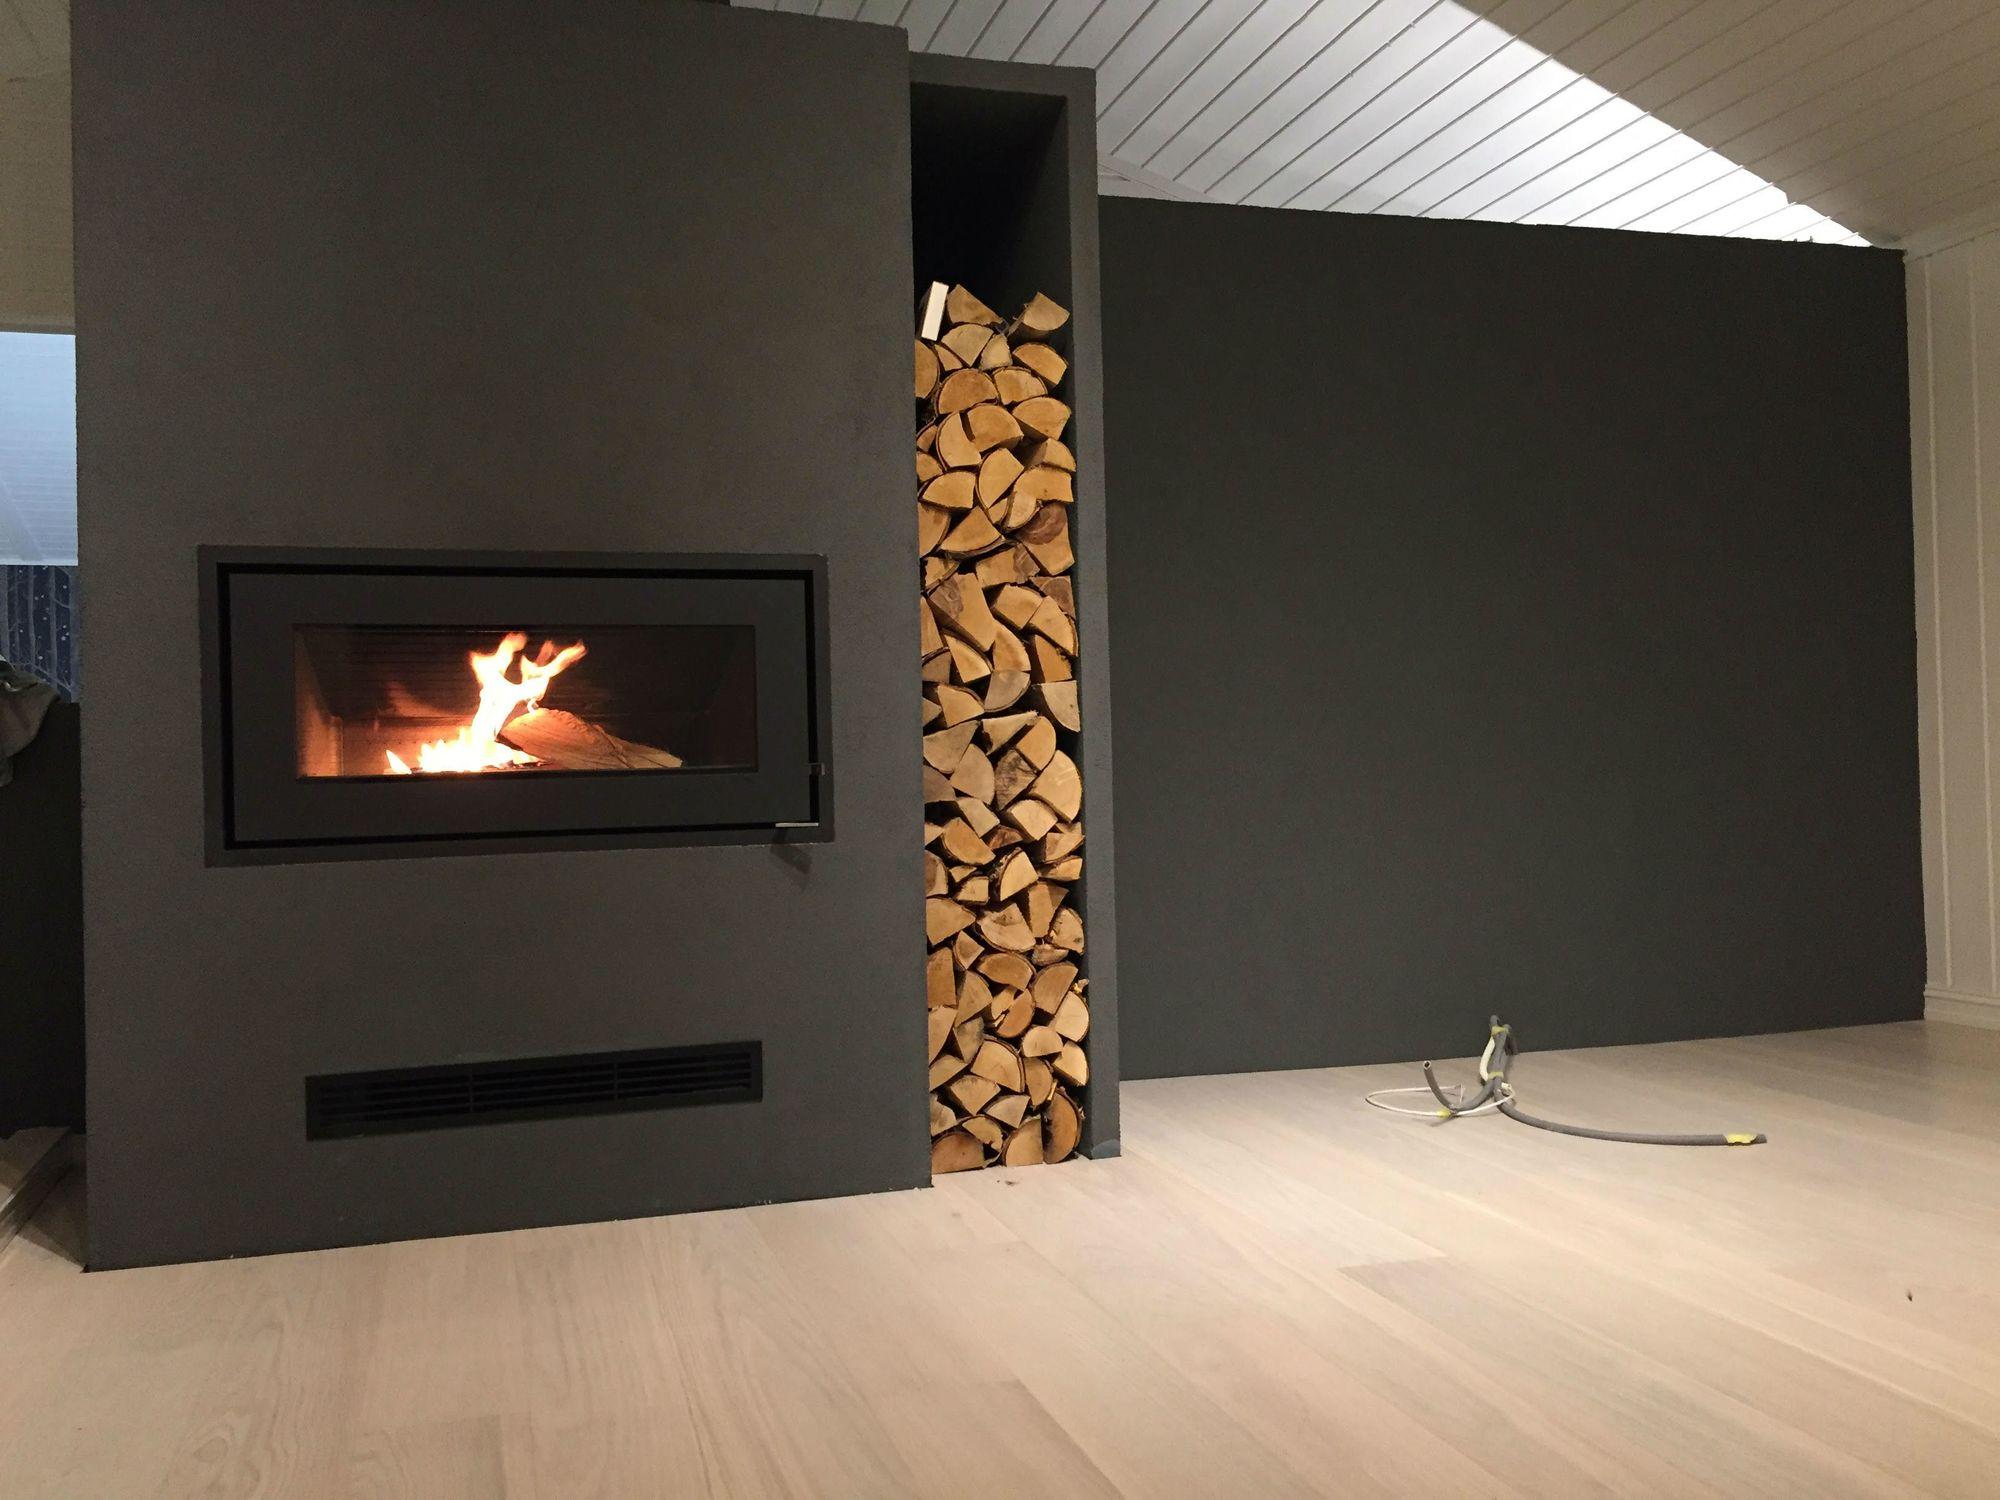 LUNE KVELDER: Denne varmer og ser bra ut!